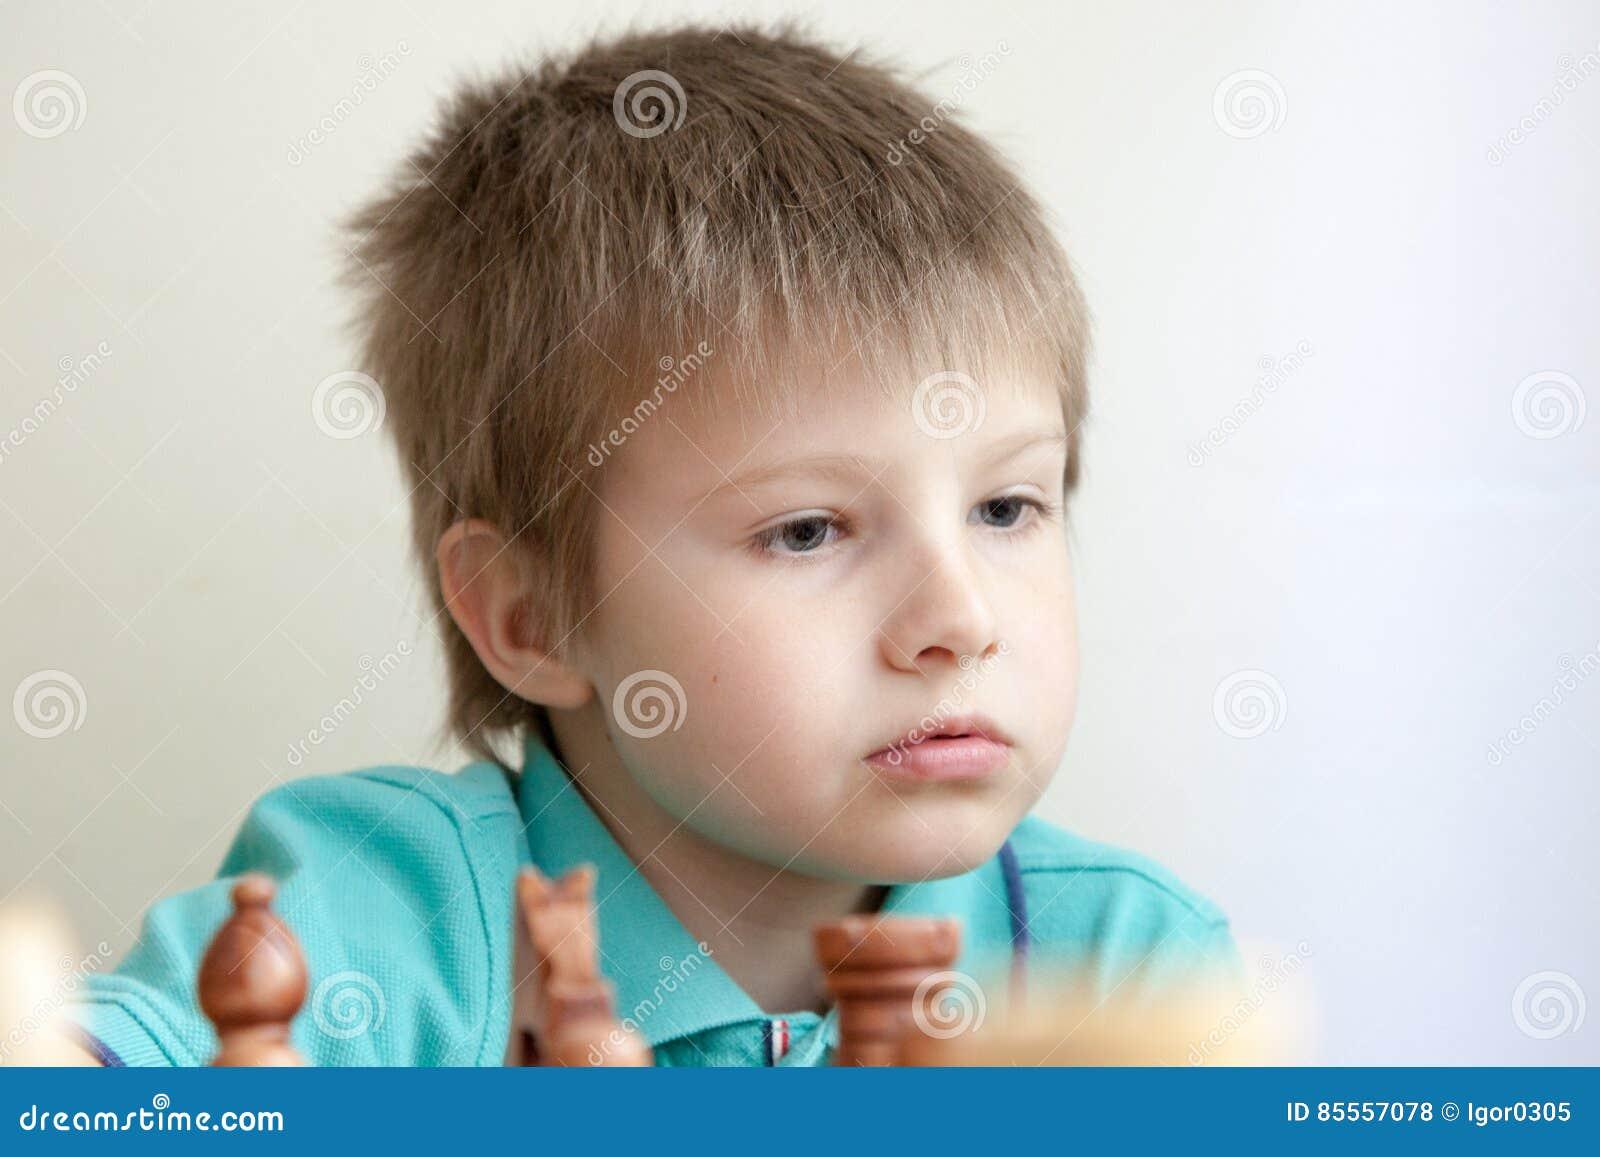 Porträt eines Jungen, der Schach spielt